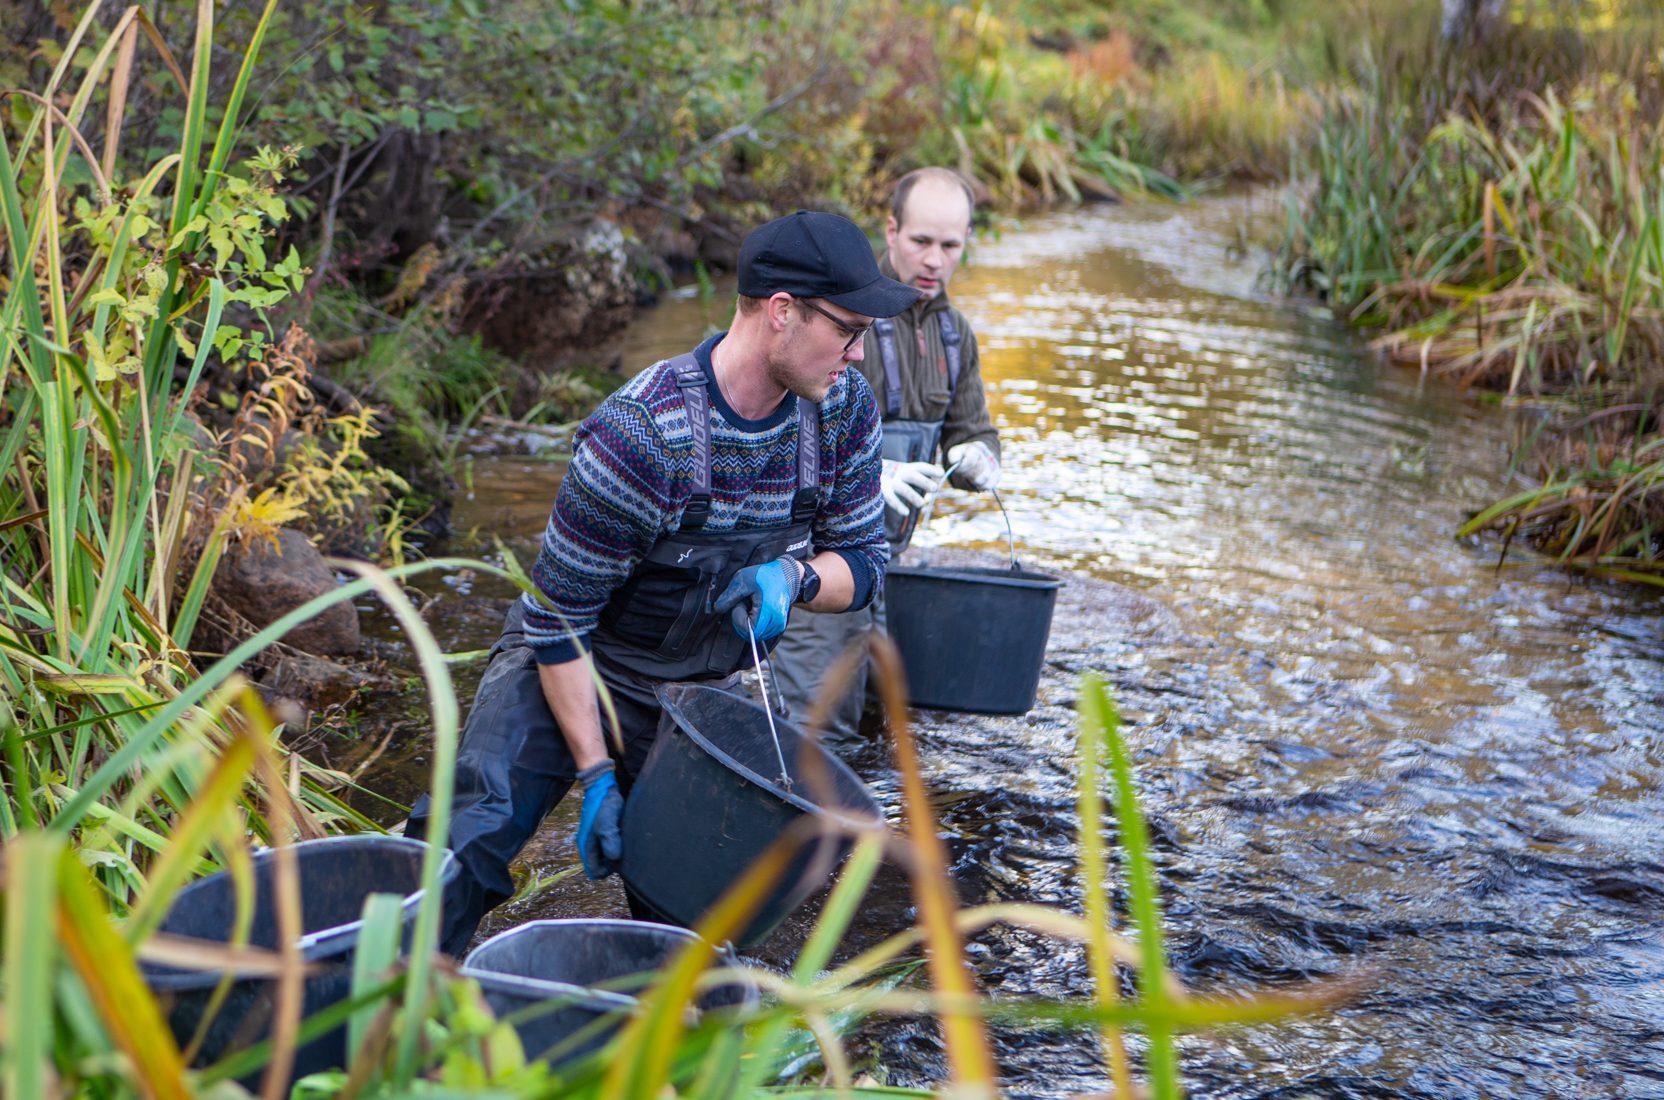 Kaksi miestä kahluuhousut jalassa joessa ämpärit kädessä.